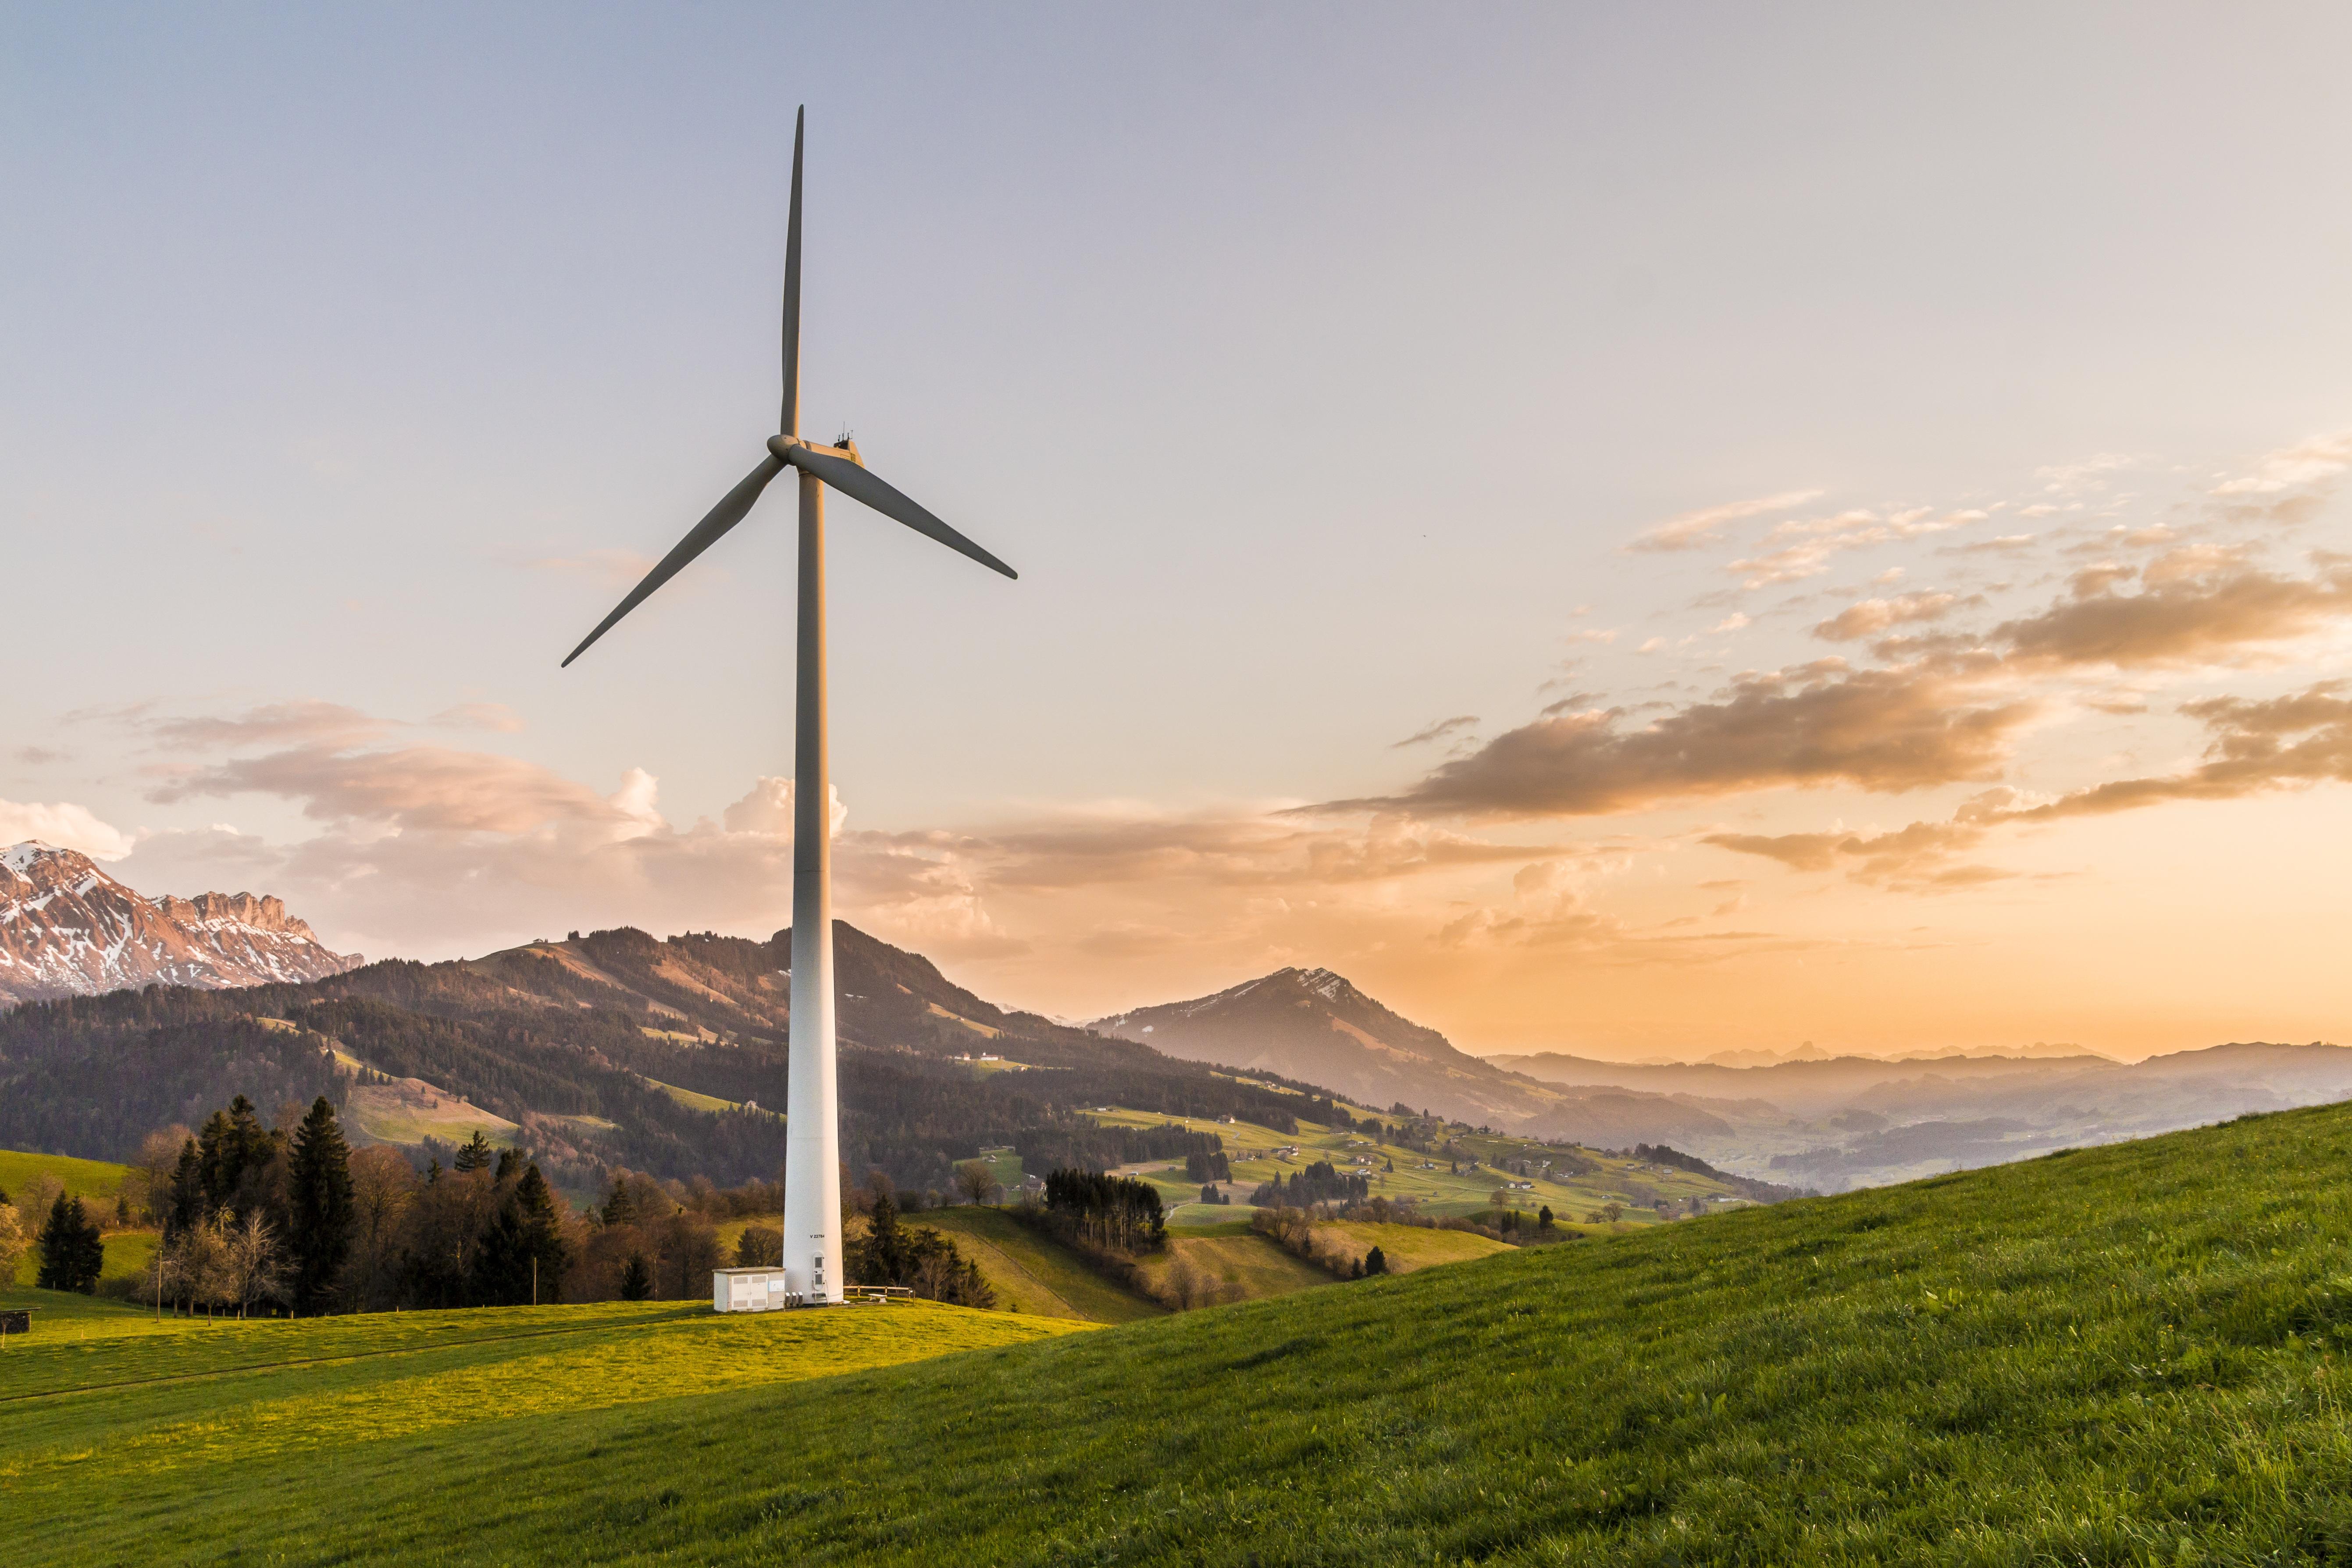 Adaptacja przedsięwzięcia do zmian klimatu